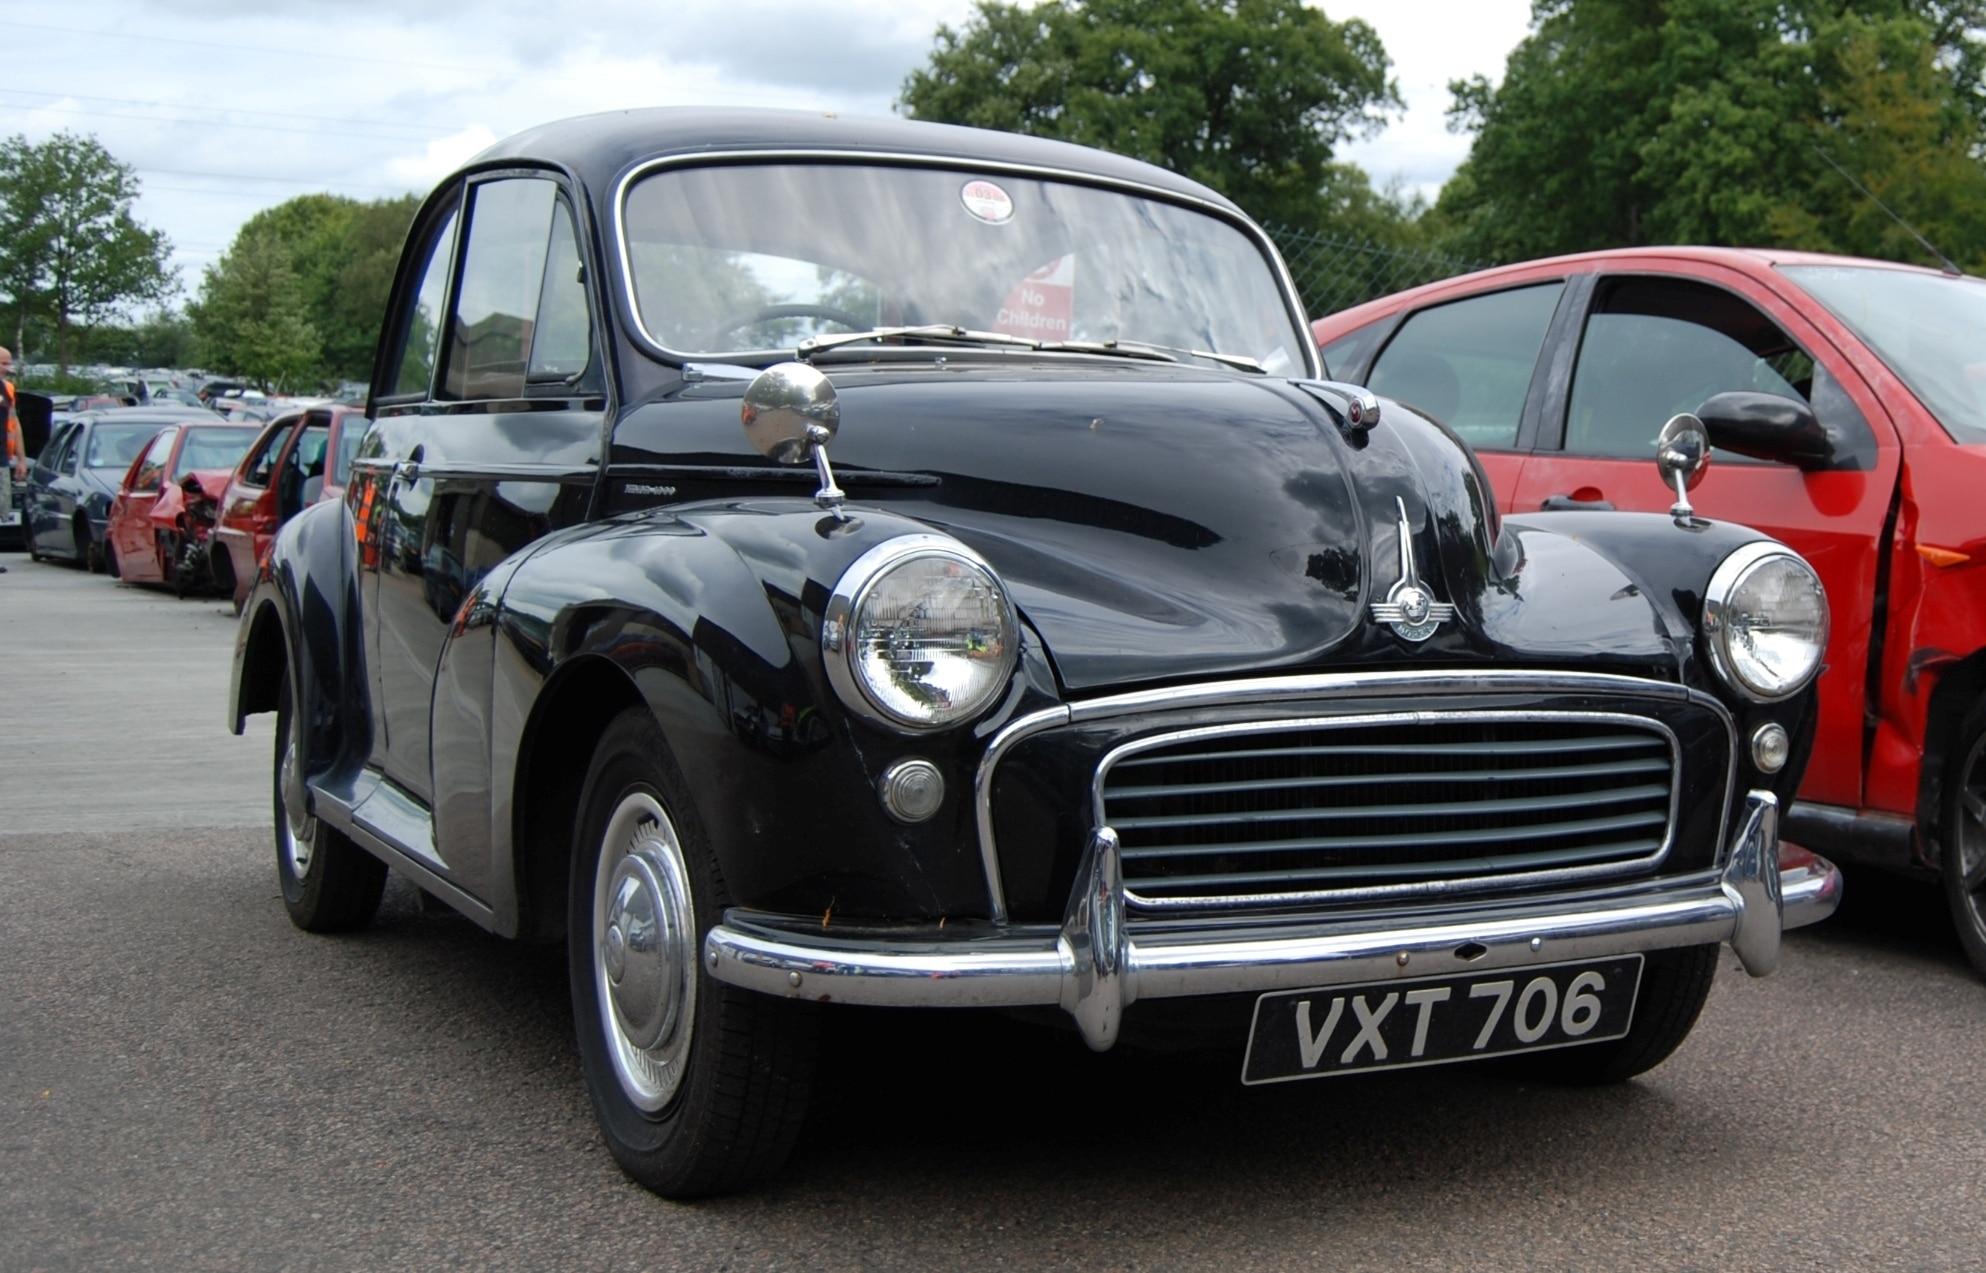 Morris Minor, Morris, Minor, Sir Alec Isigonis, Mini, classic car, retro car, restoration project, old car, Lovejoy, Madness, fixer upper, motoring, automotive, autotrader, ebay, ebay motors, carandclassic, car, cars, British car